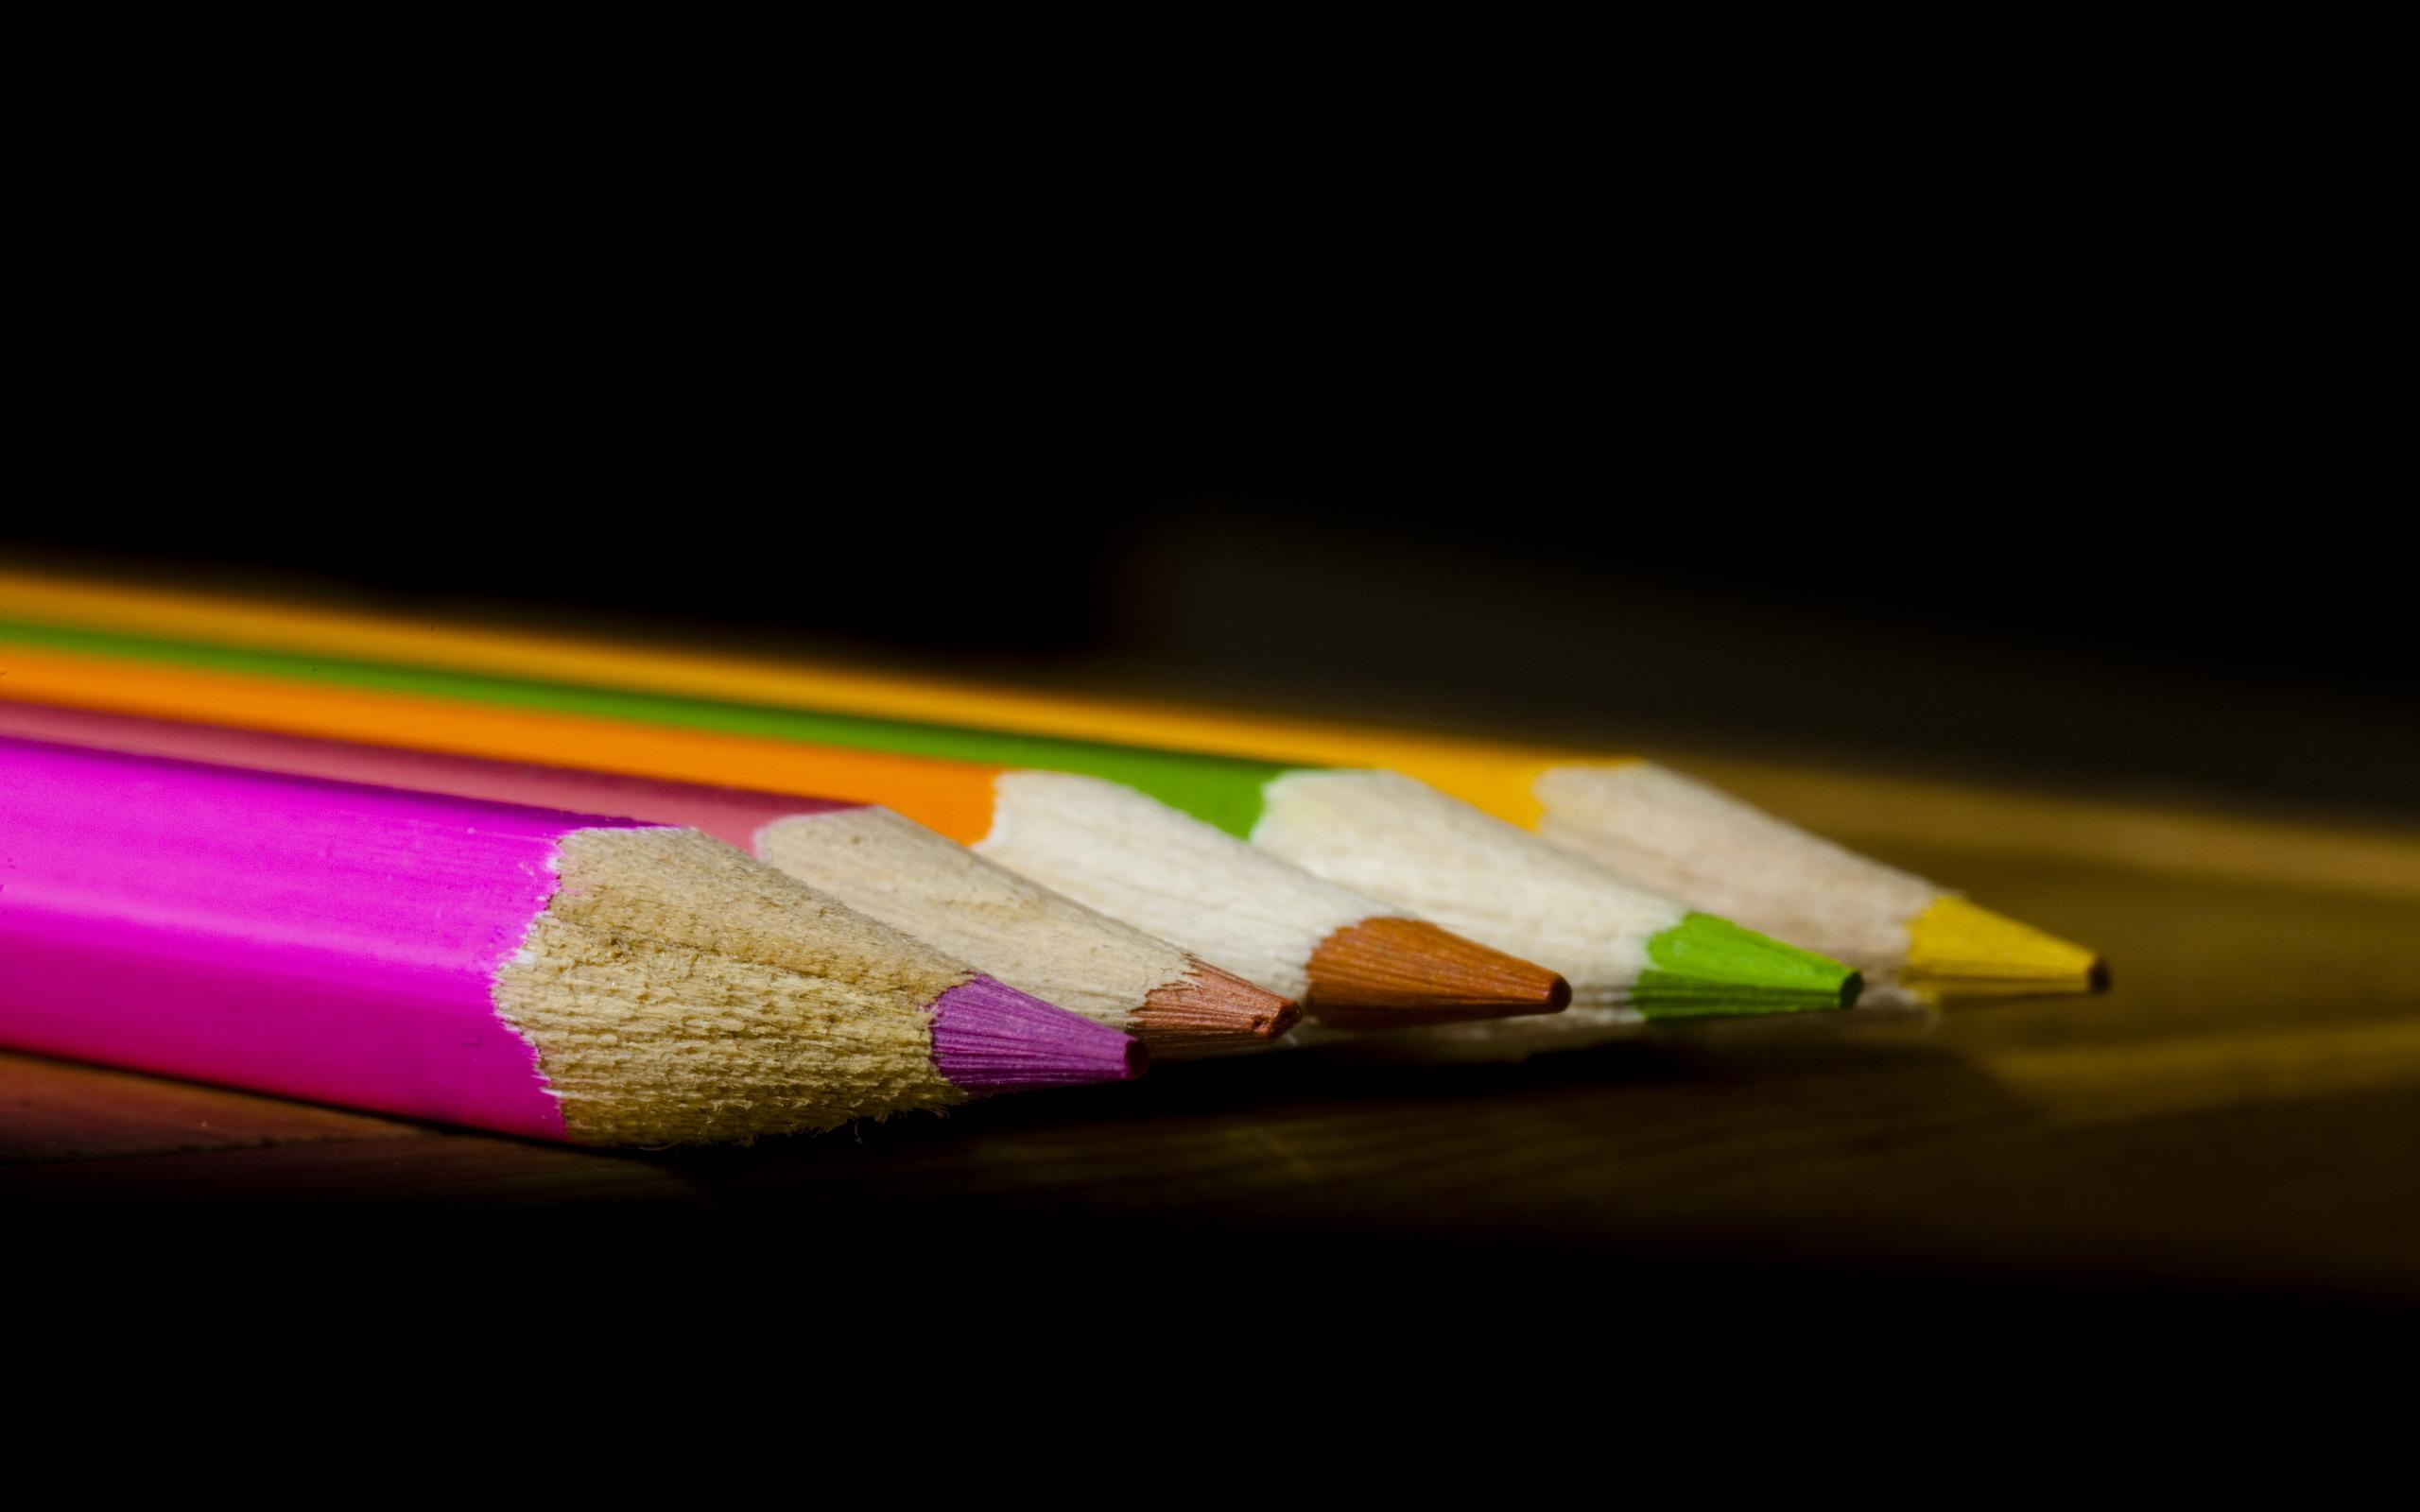 Цветной карандаш обои на рабочий стол